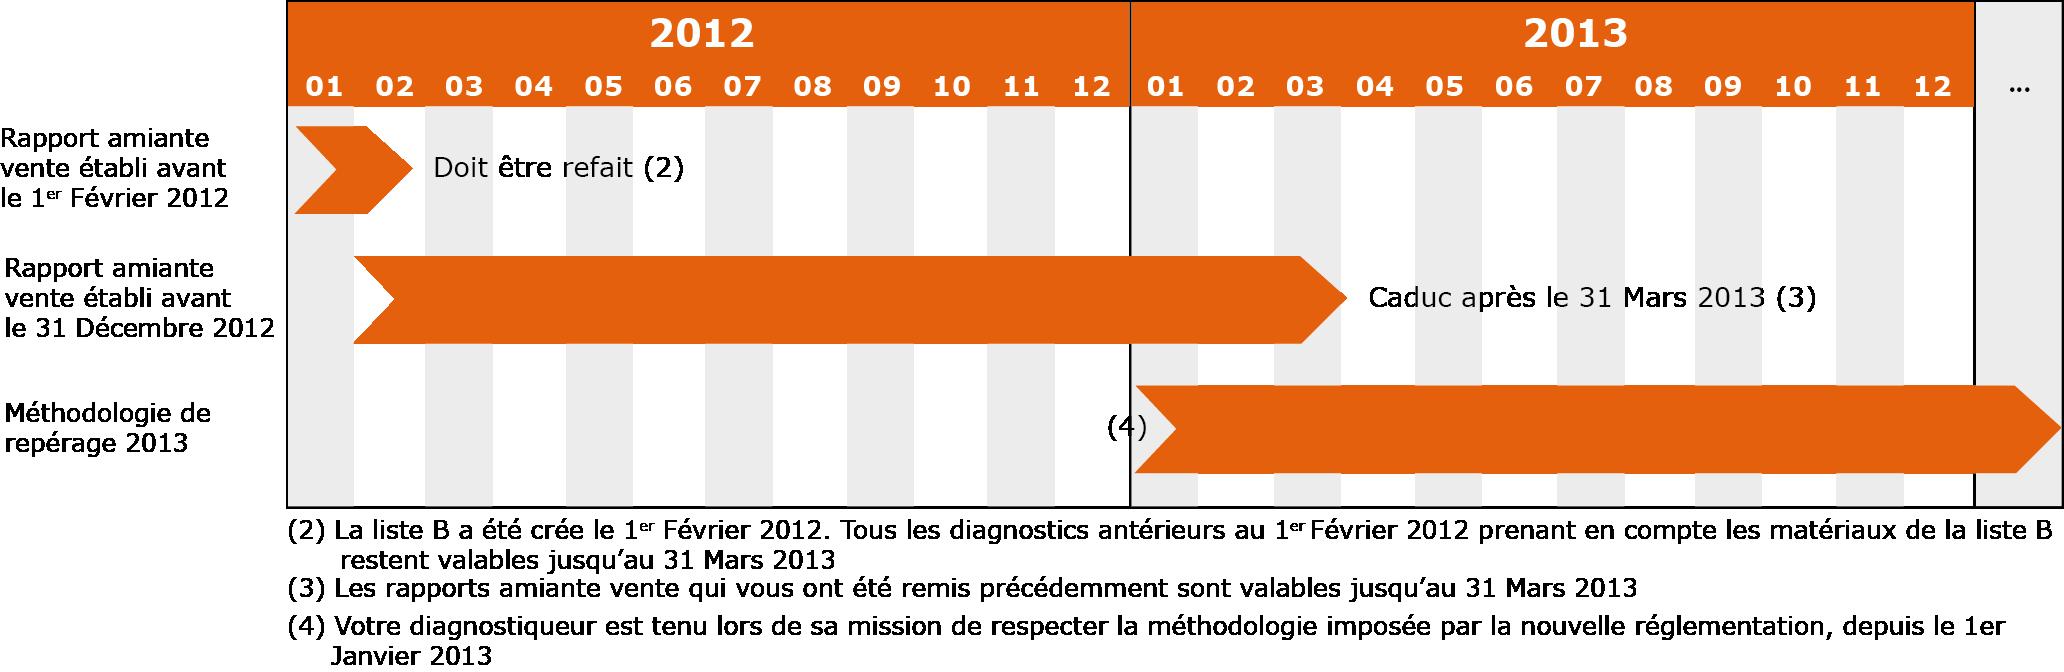 Validité des rapports amiante entre ceux de 2012 et ceux de 2013.